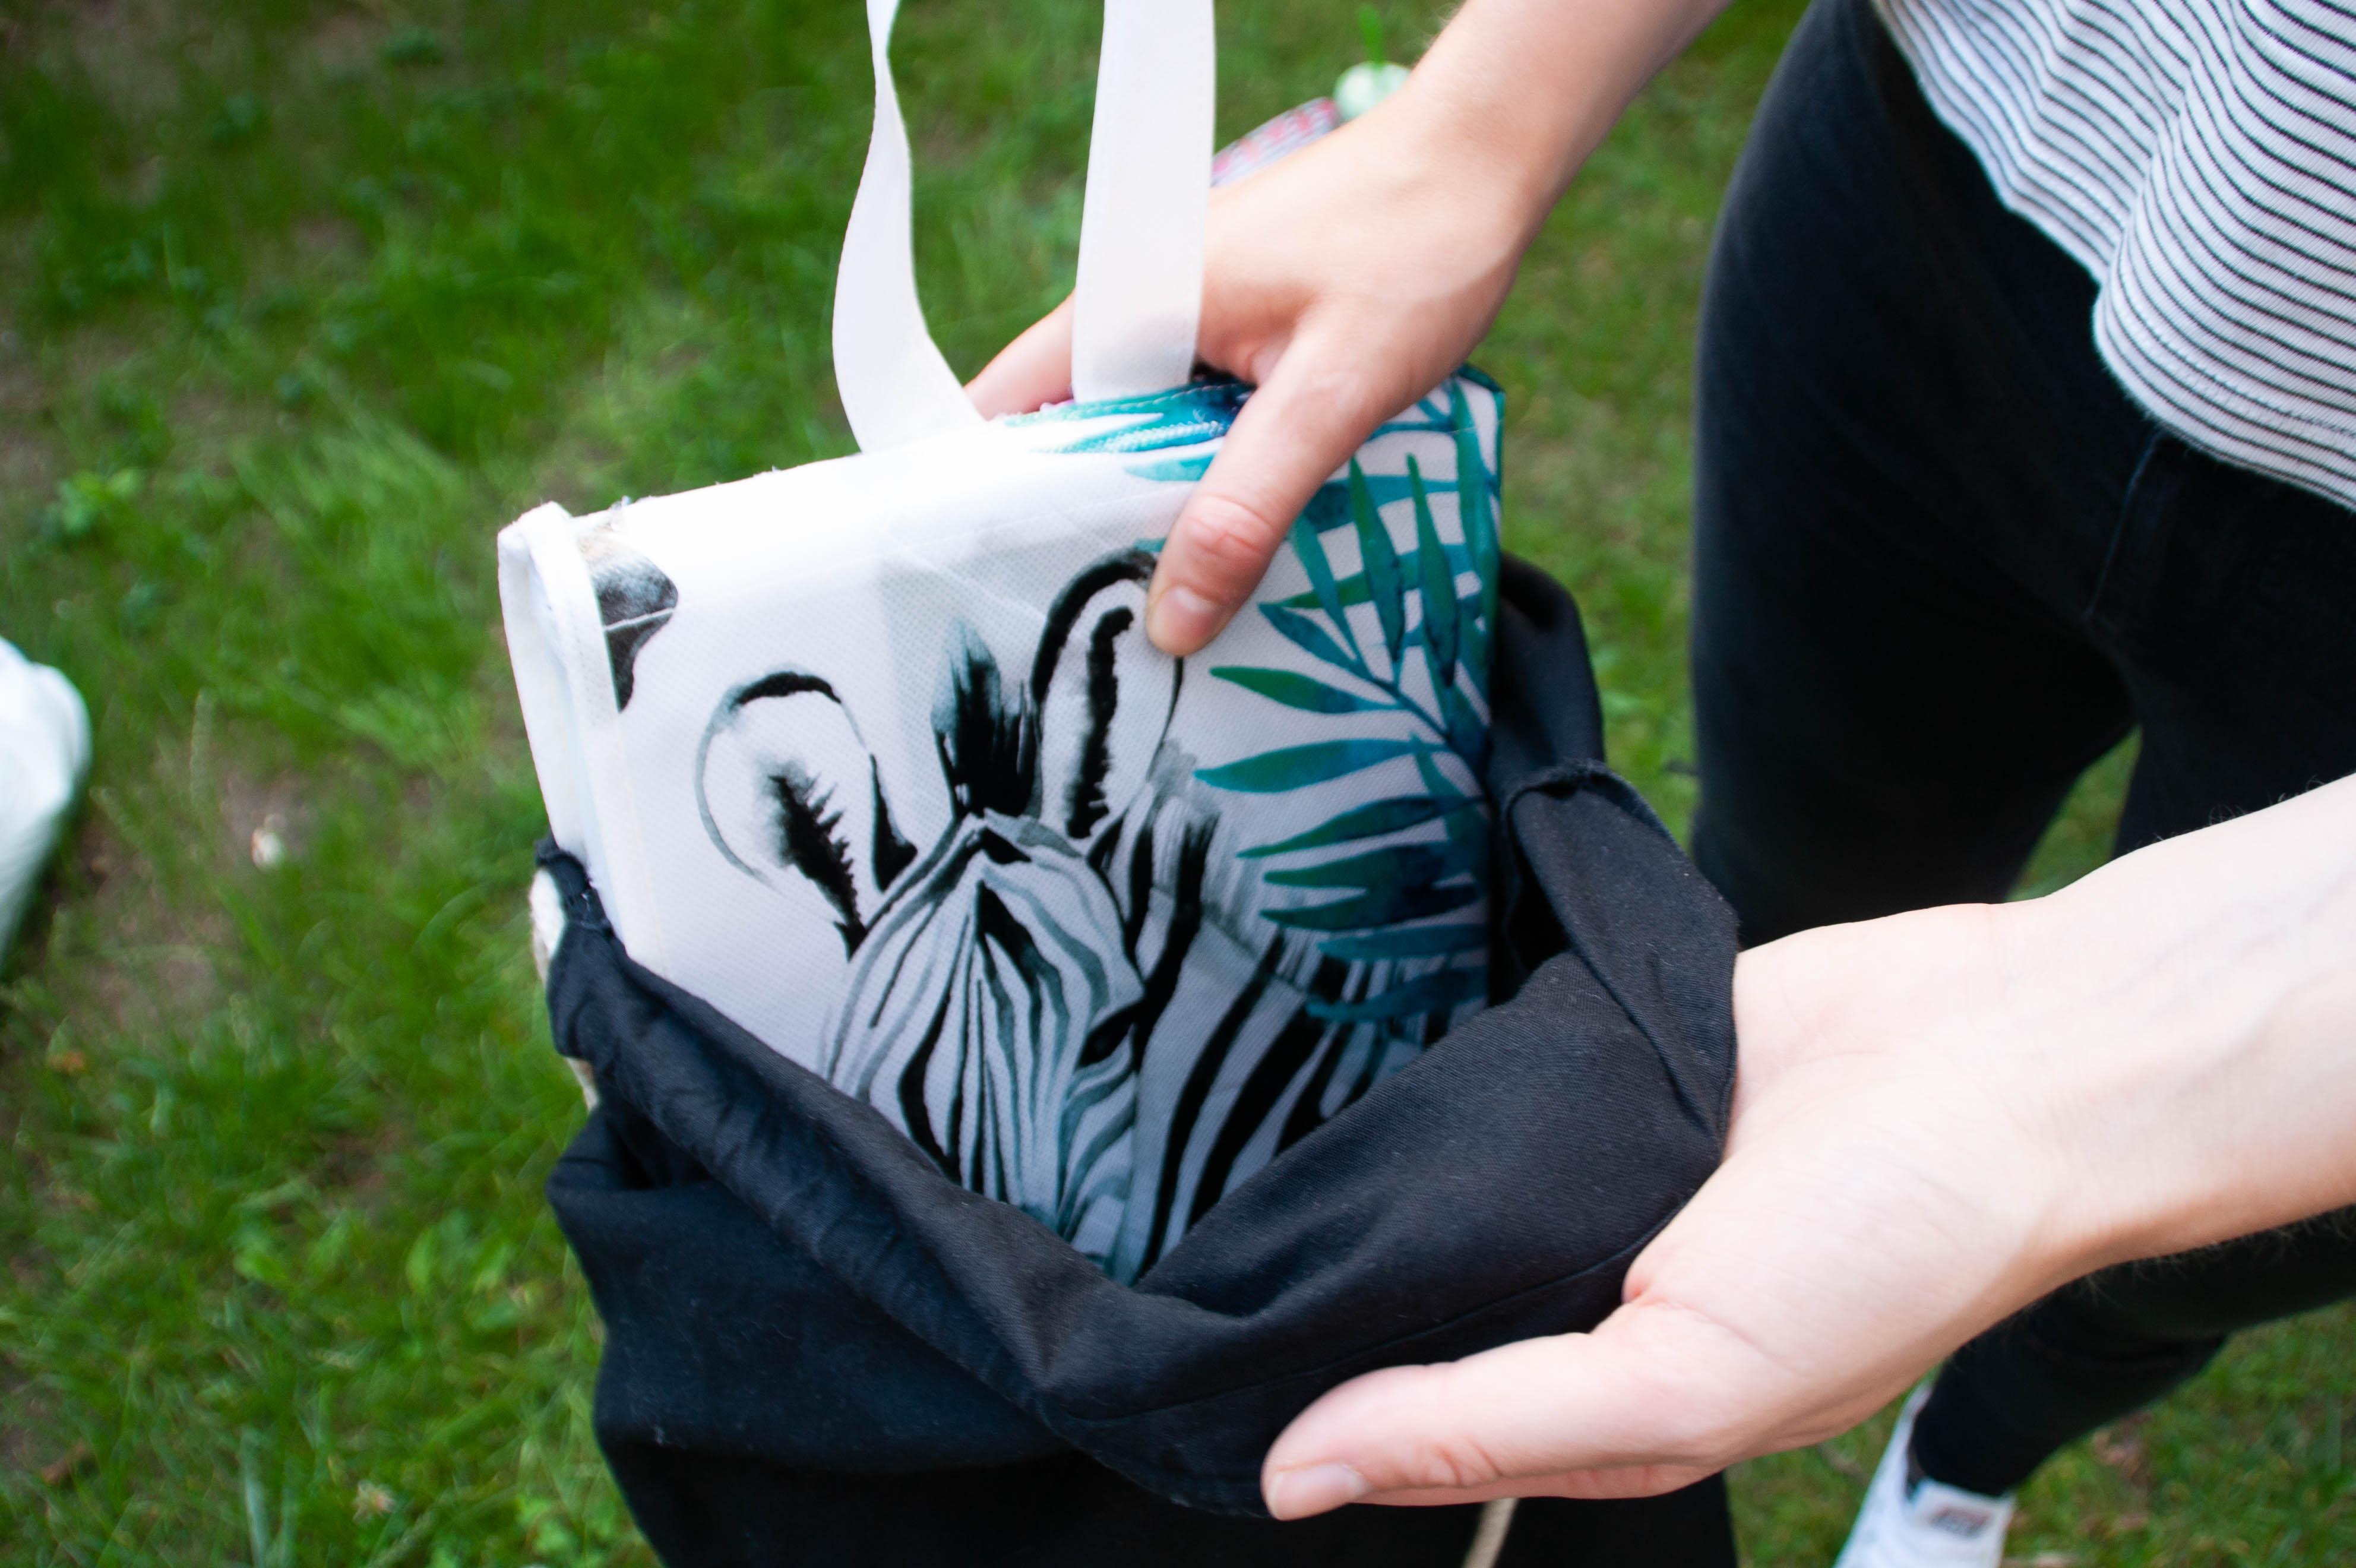 Passt in jede Jute: DIY Sitzkissen für unterwegs - wasser- und schmutzfest selbermachen - www.chaosmitstil.de